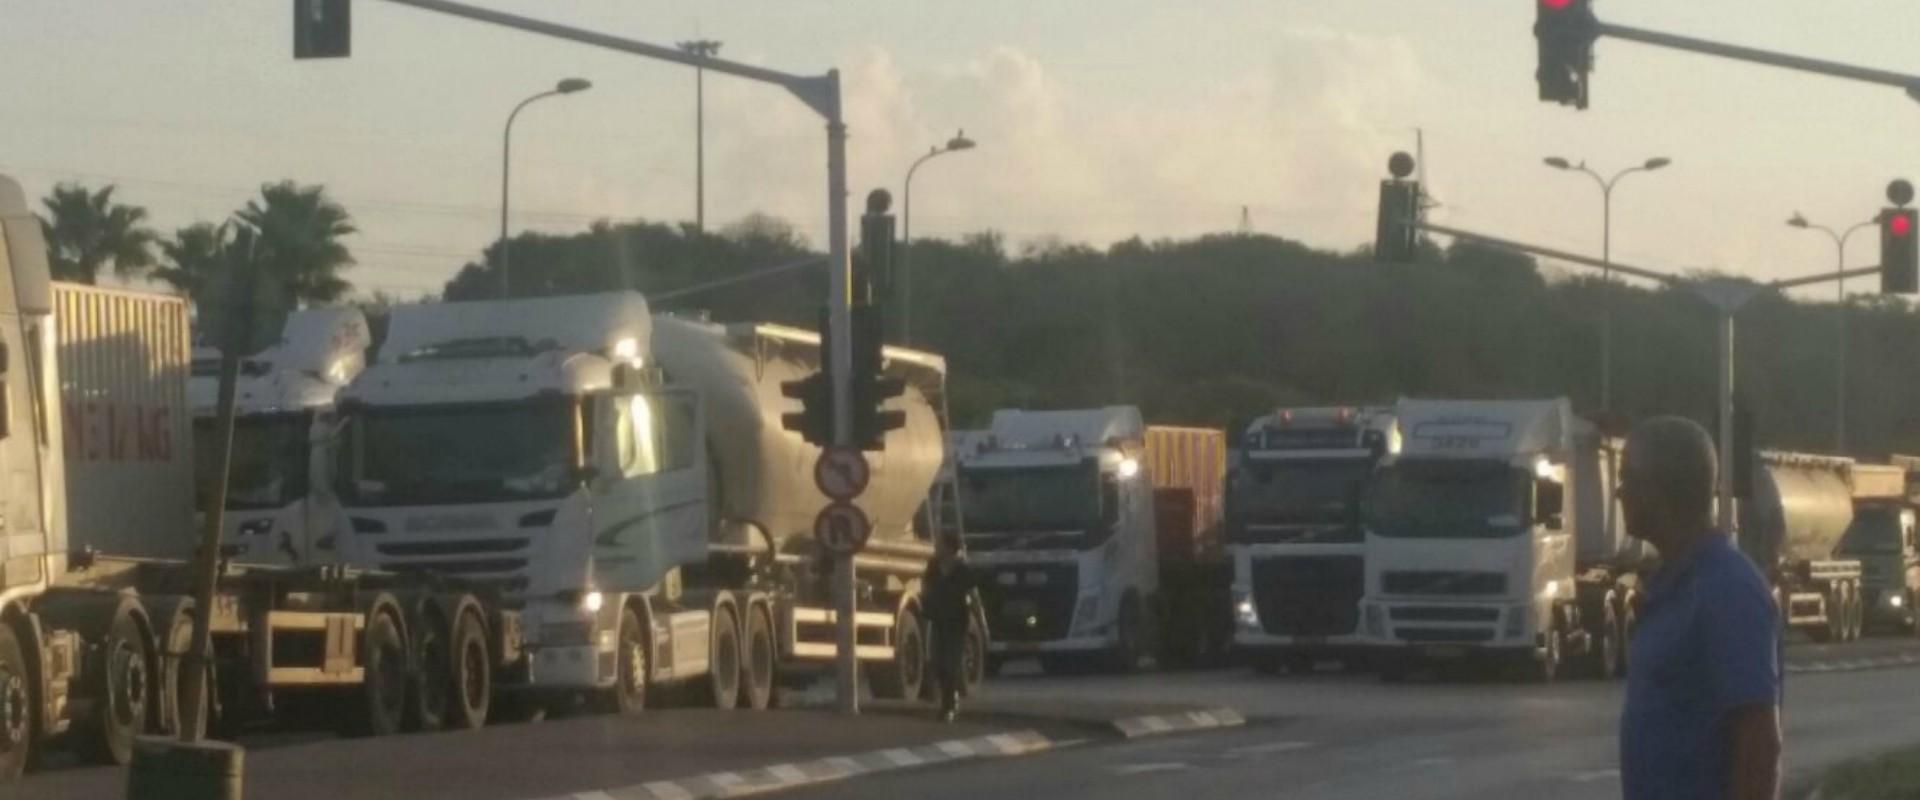 משאיות בכניסה לנמל אשדוד, הבוקר